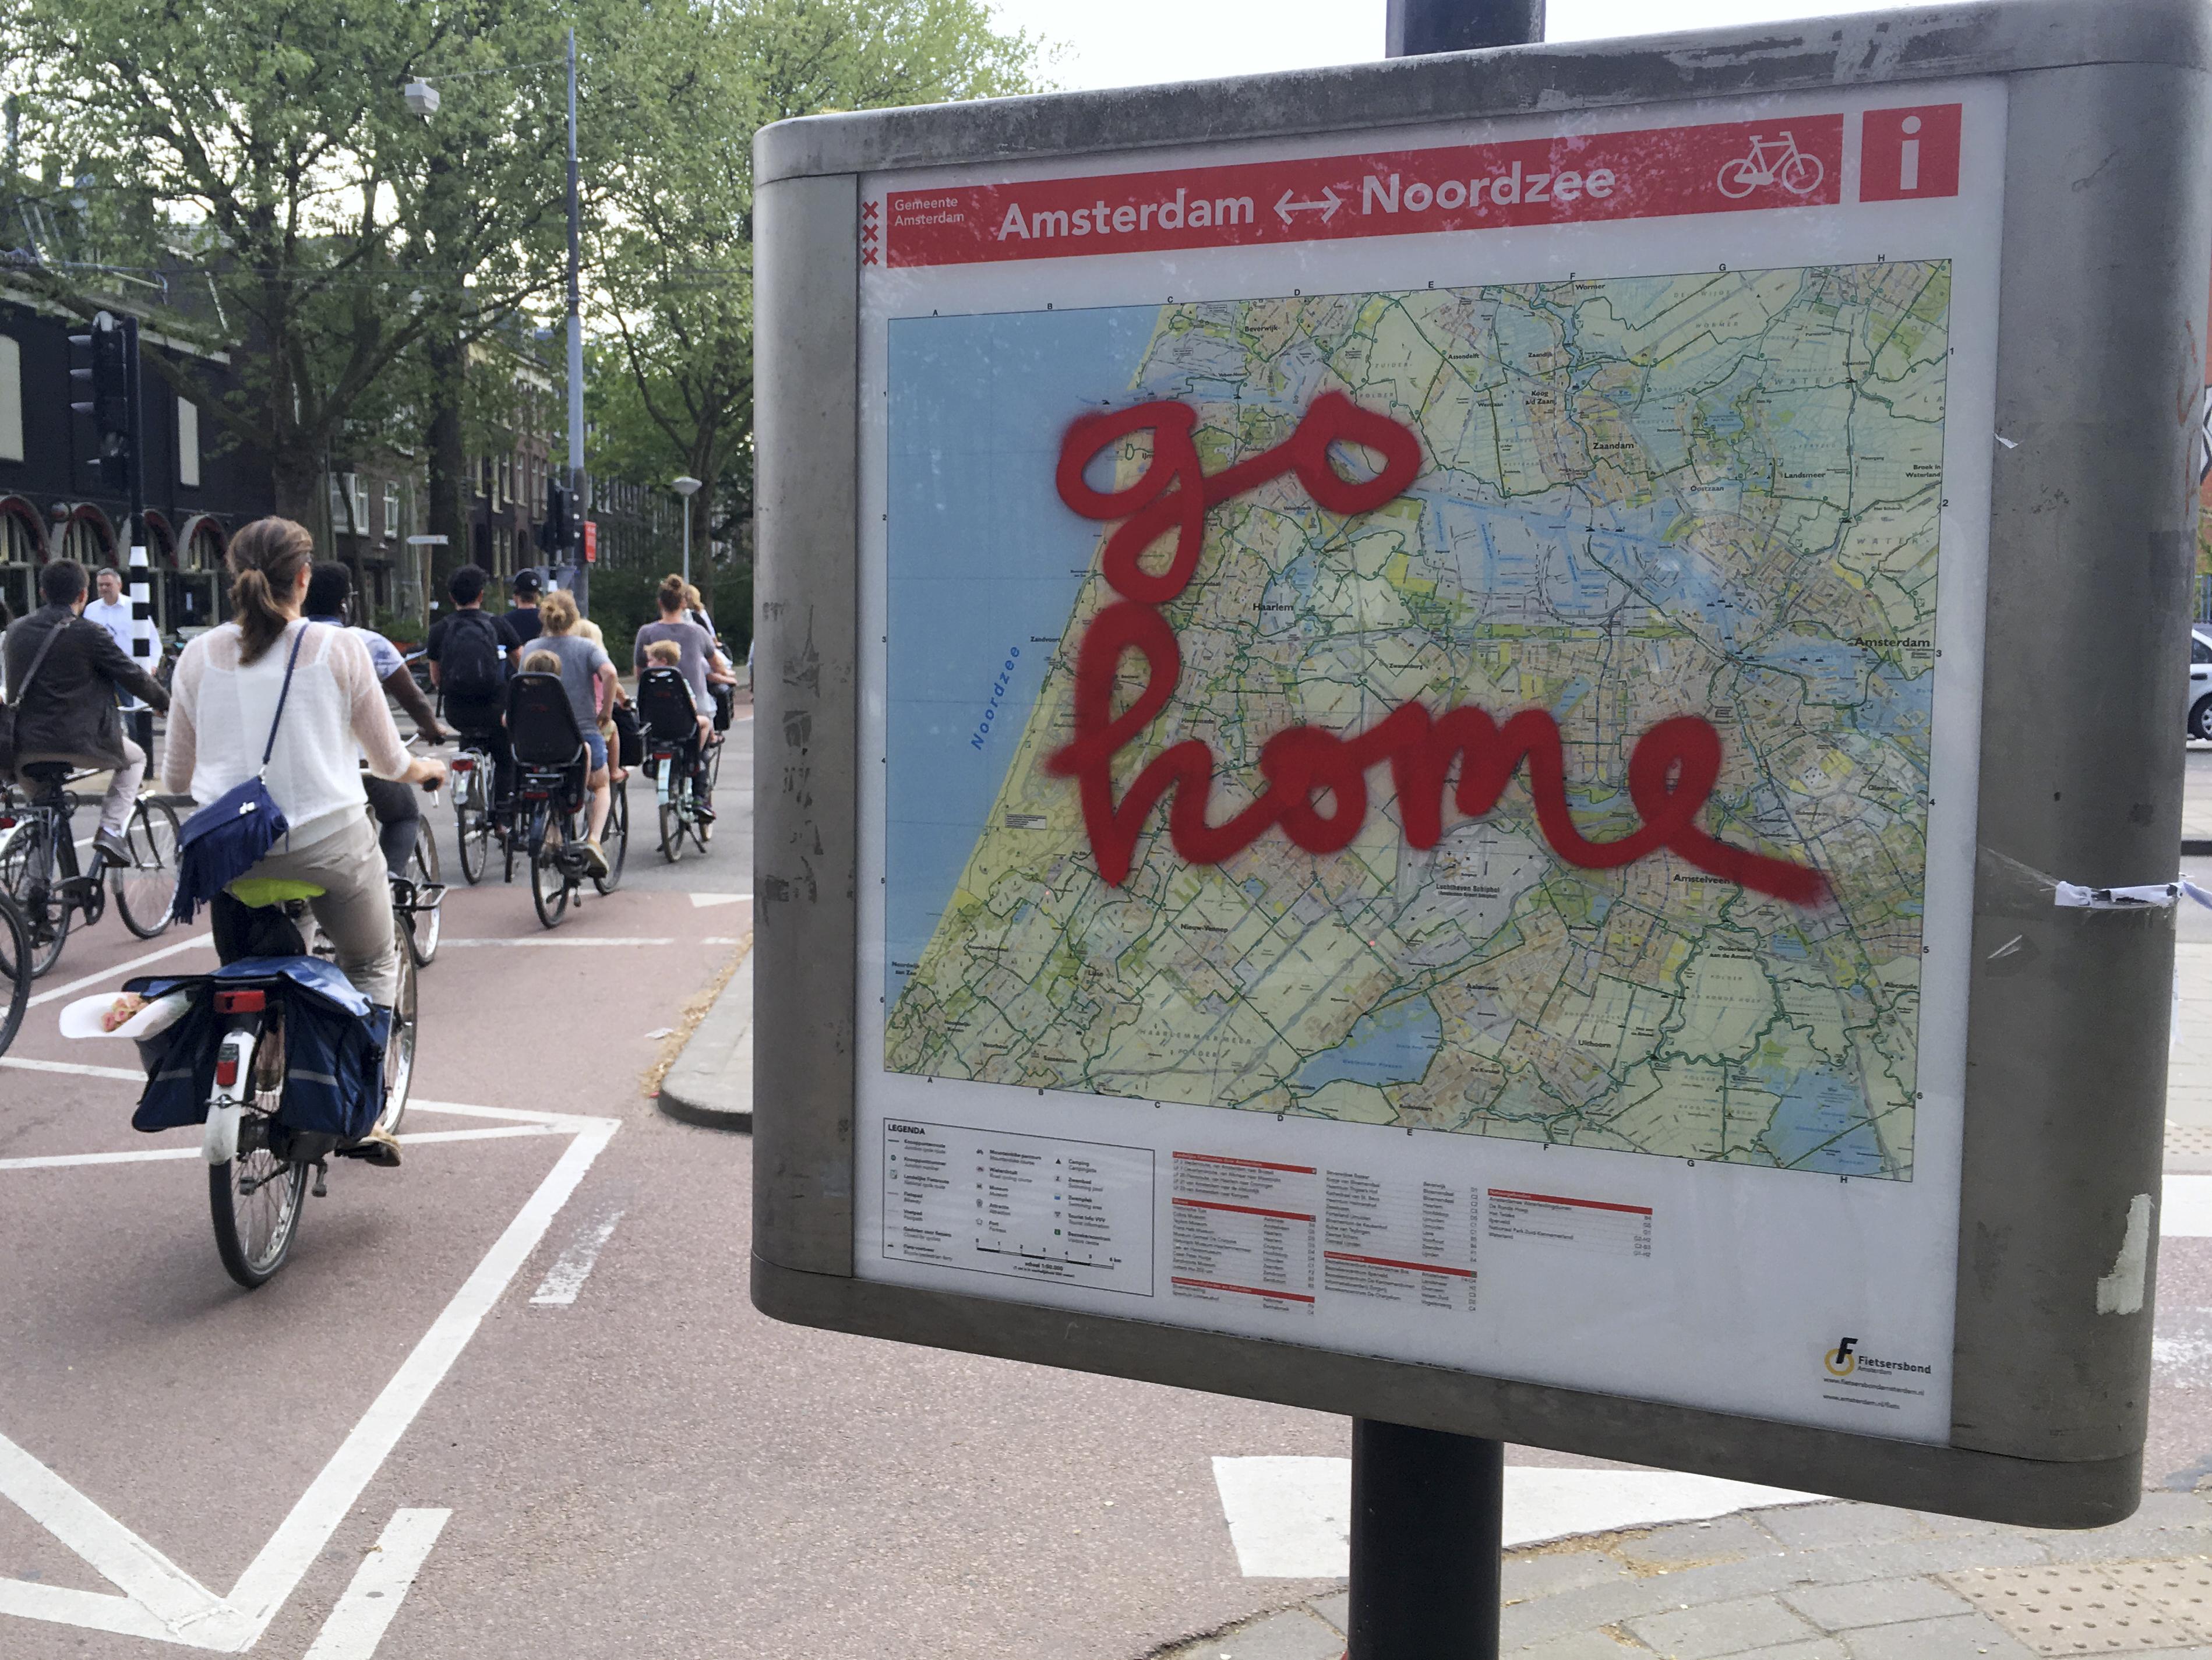 Megtiltják az idegenvezetőknek, hogy bazári majomként mutogassák a turistáknak az amszterdami prostituáltakat